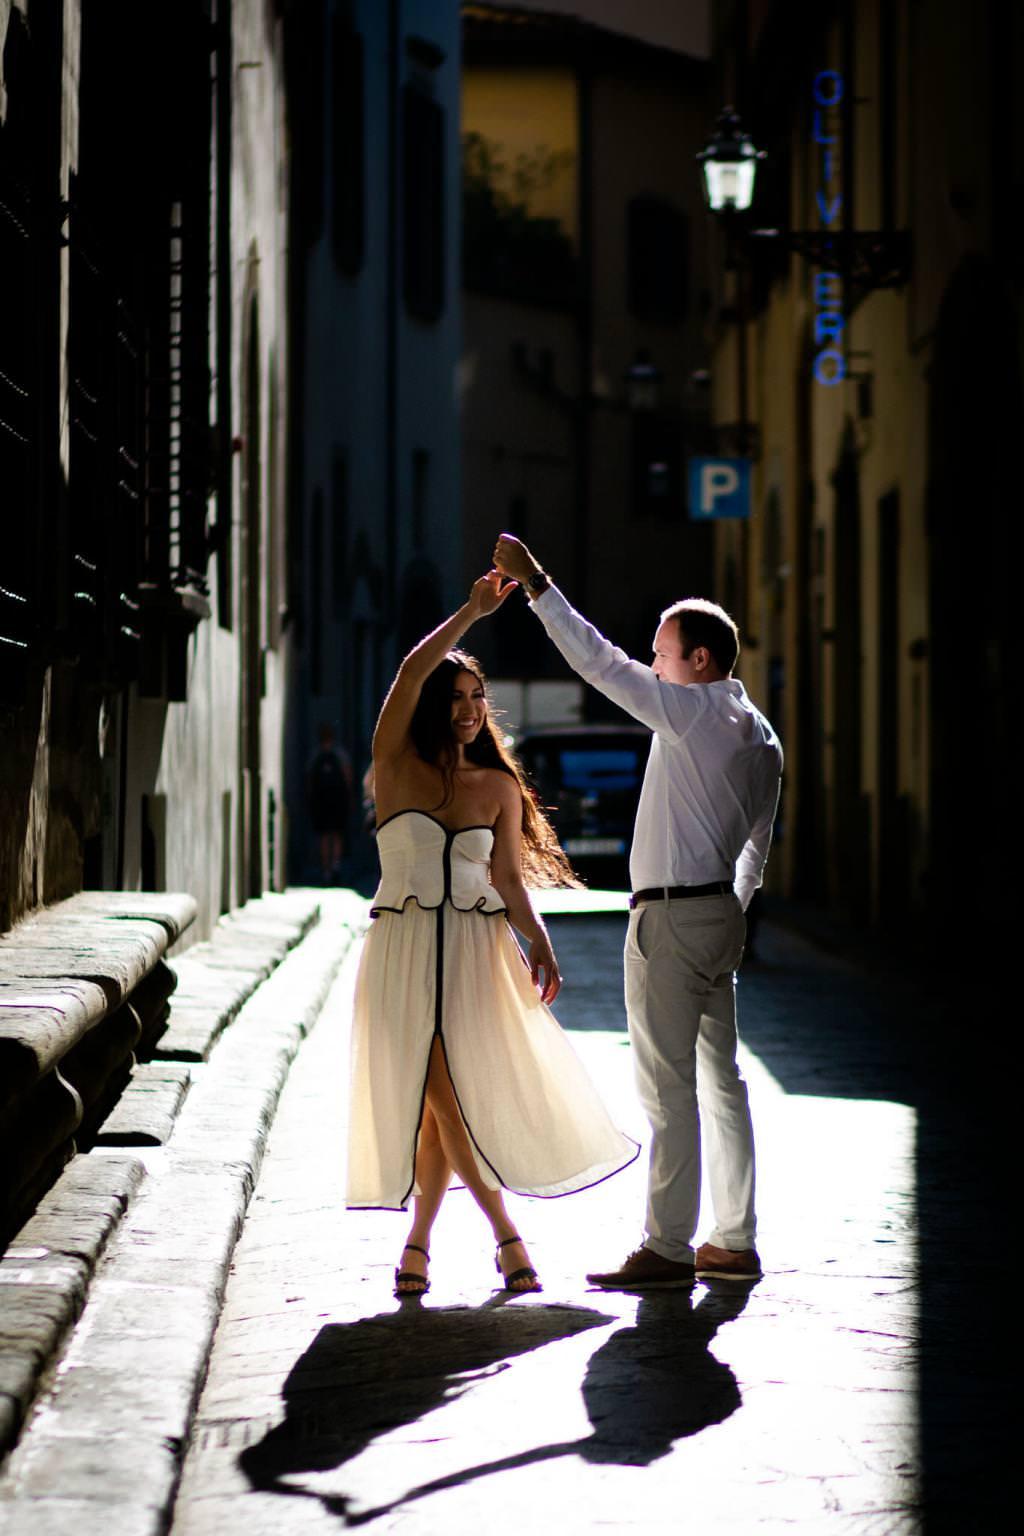 Fotografie dellanniversario di matrimonio a Firenze 29